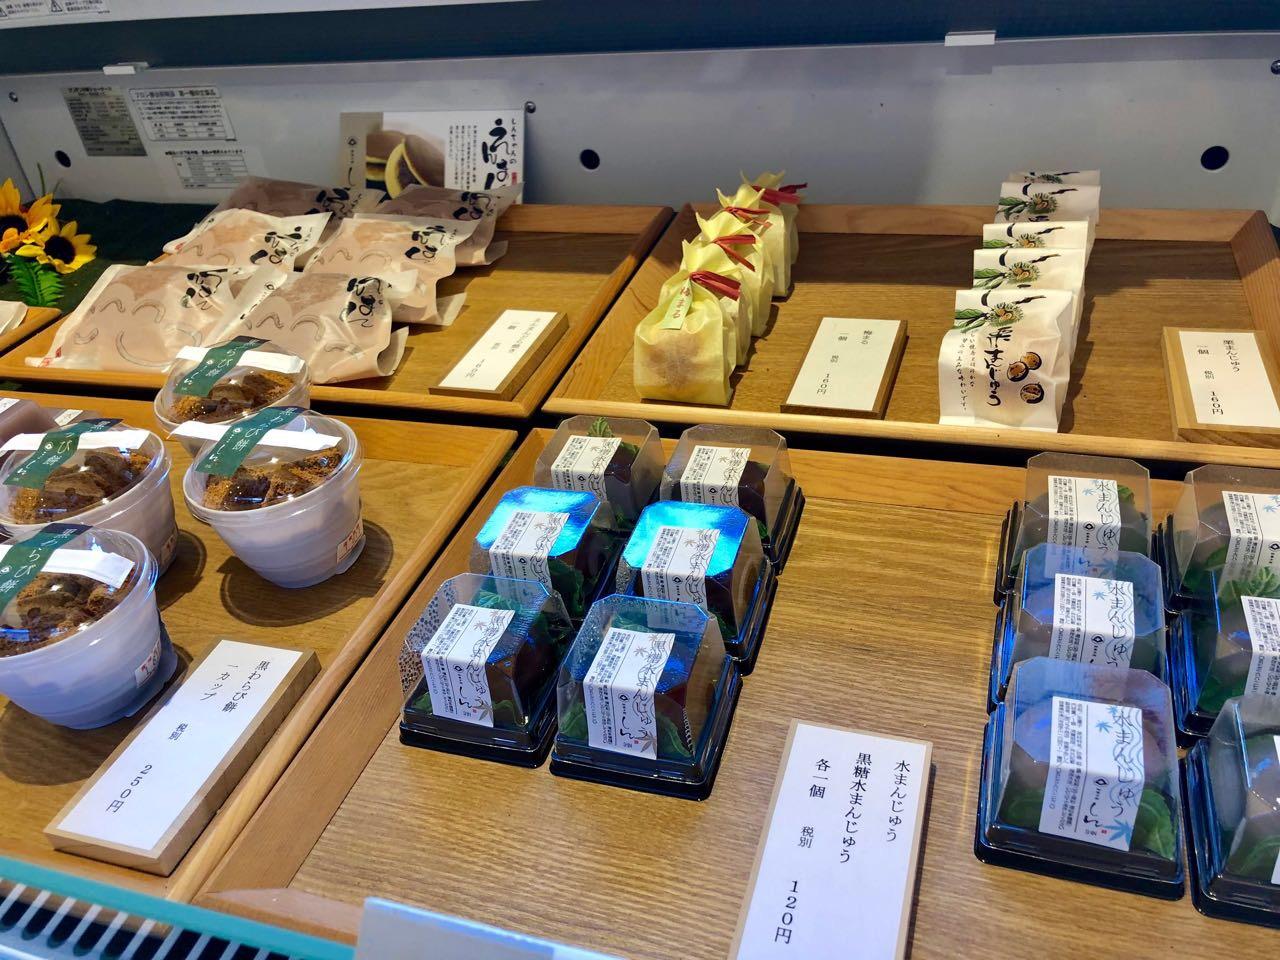 和菓子しんの黒糖水まんじゅう